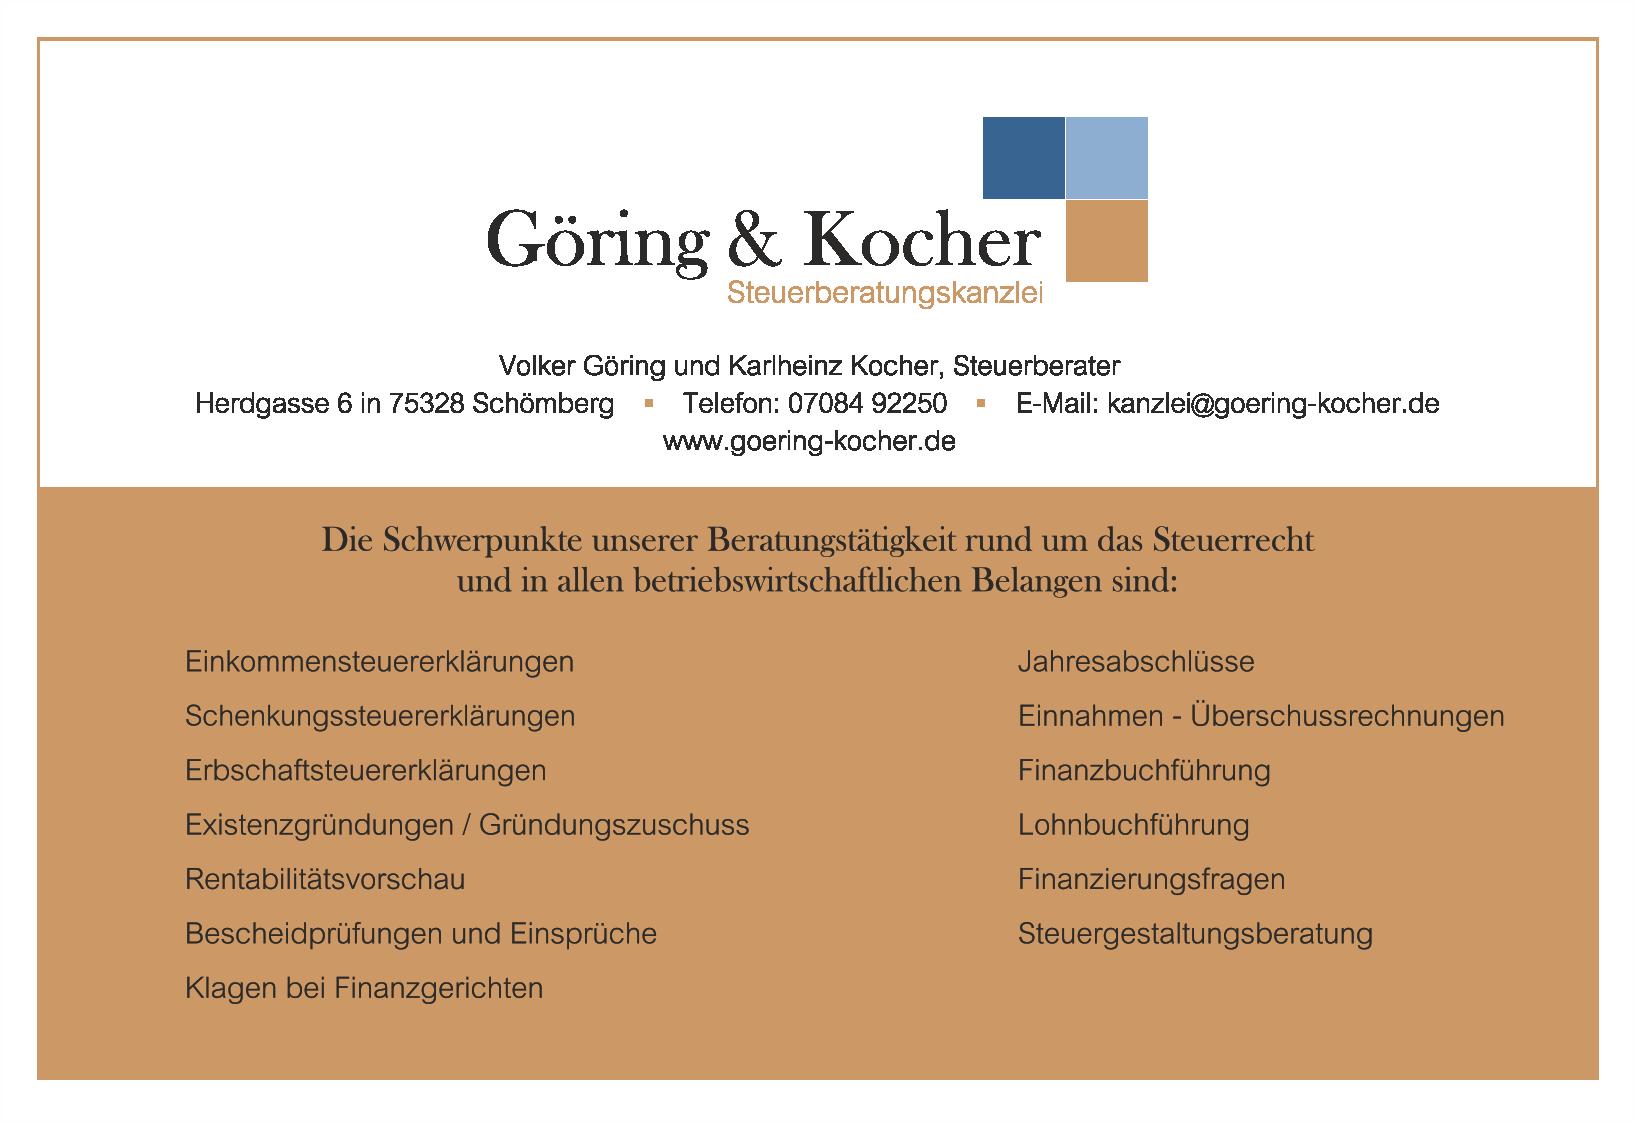 Göring & Kocher Steuerberaterkanzlei